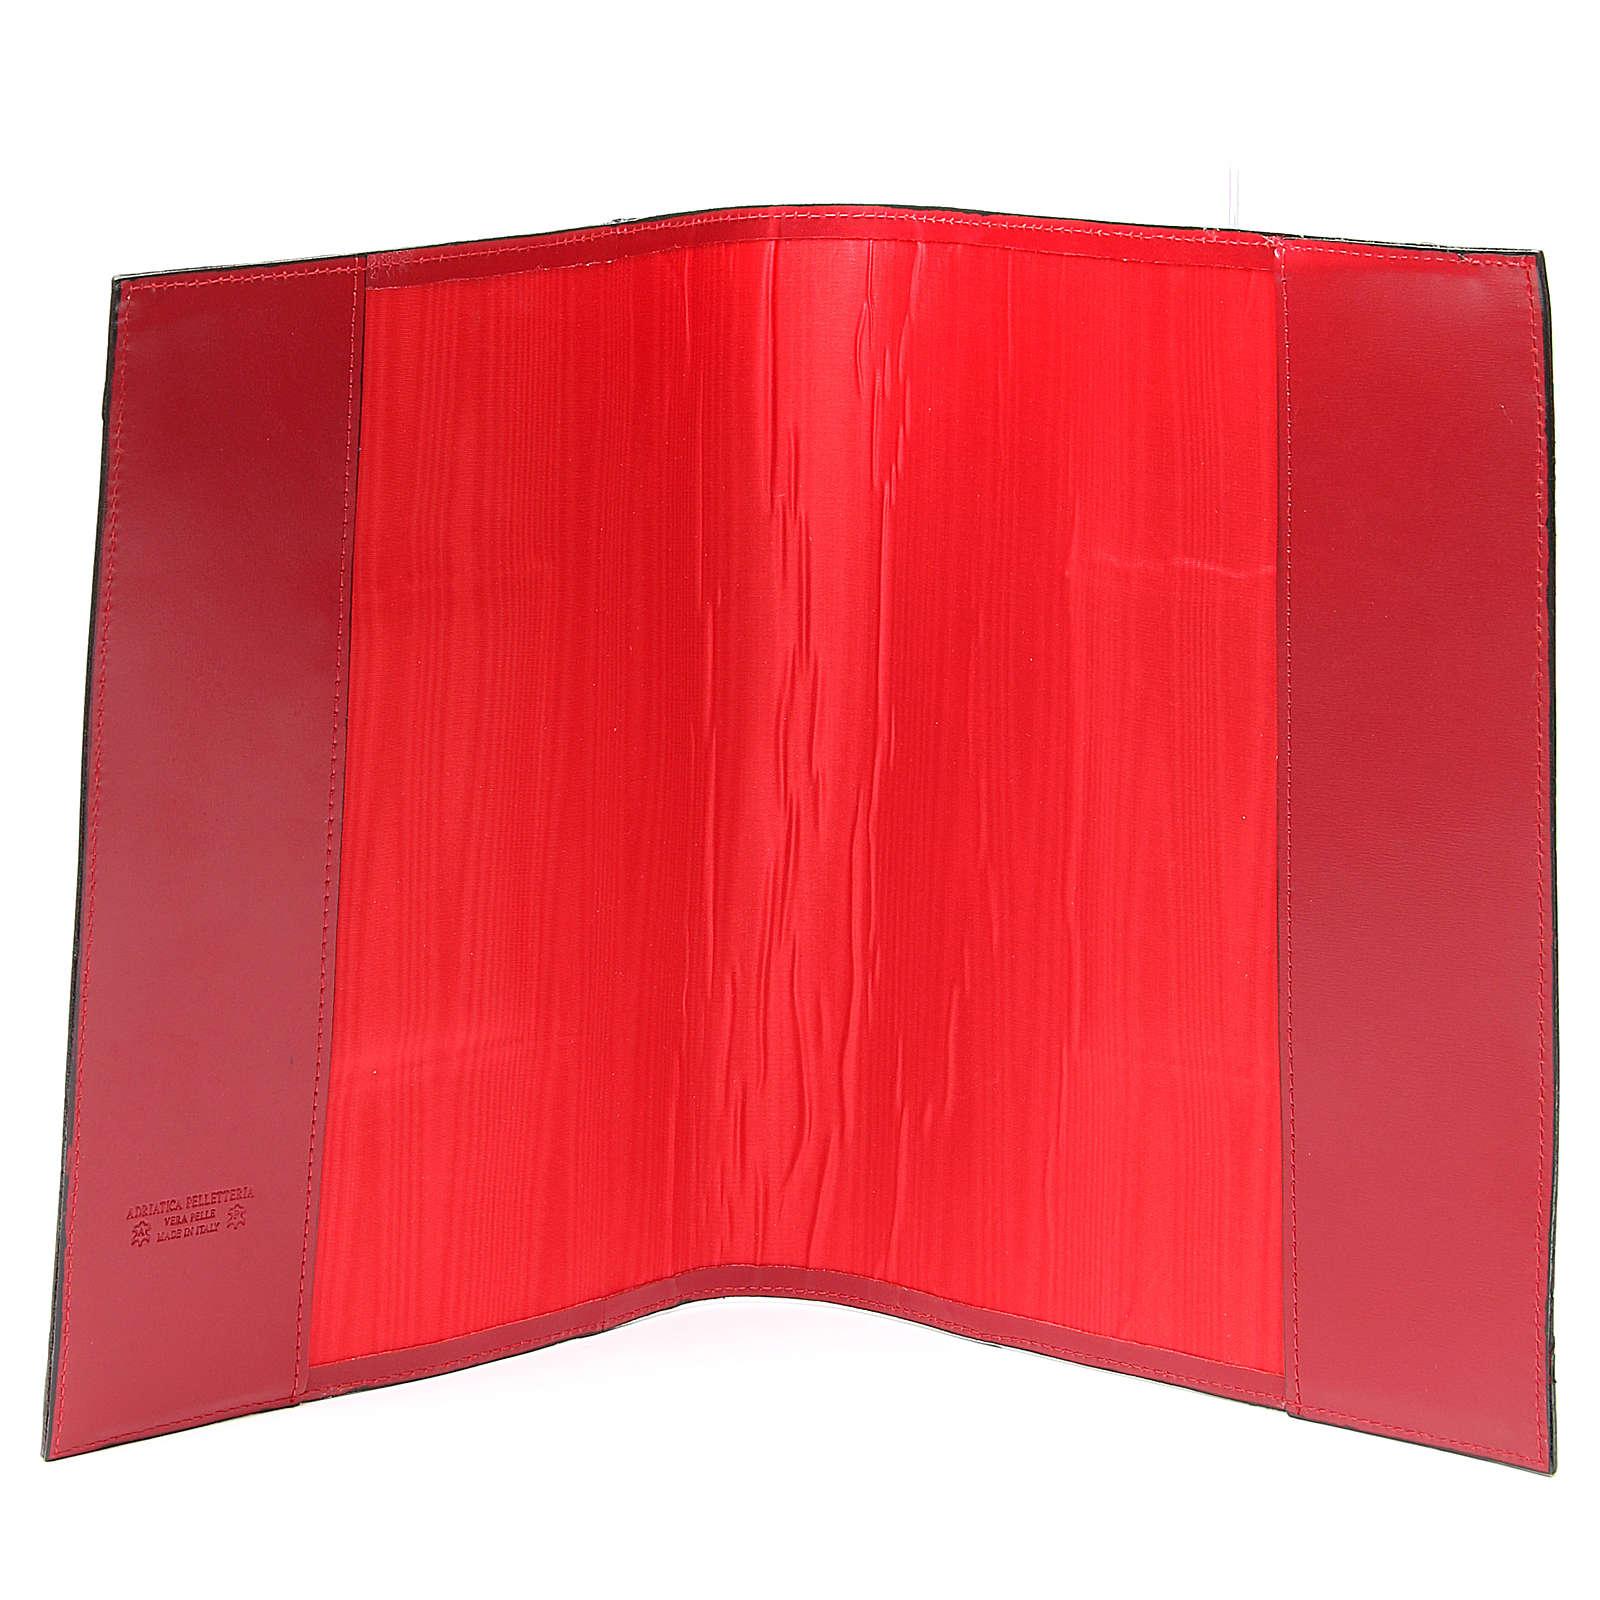 Coprilezionario feriale festivo pelle rossa Ancora Salvezza 4